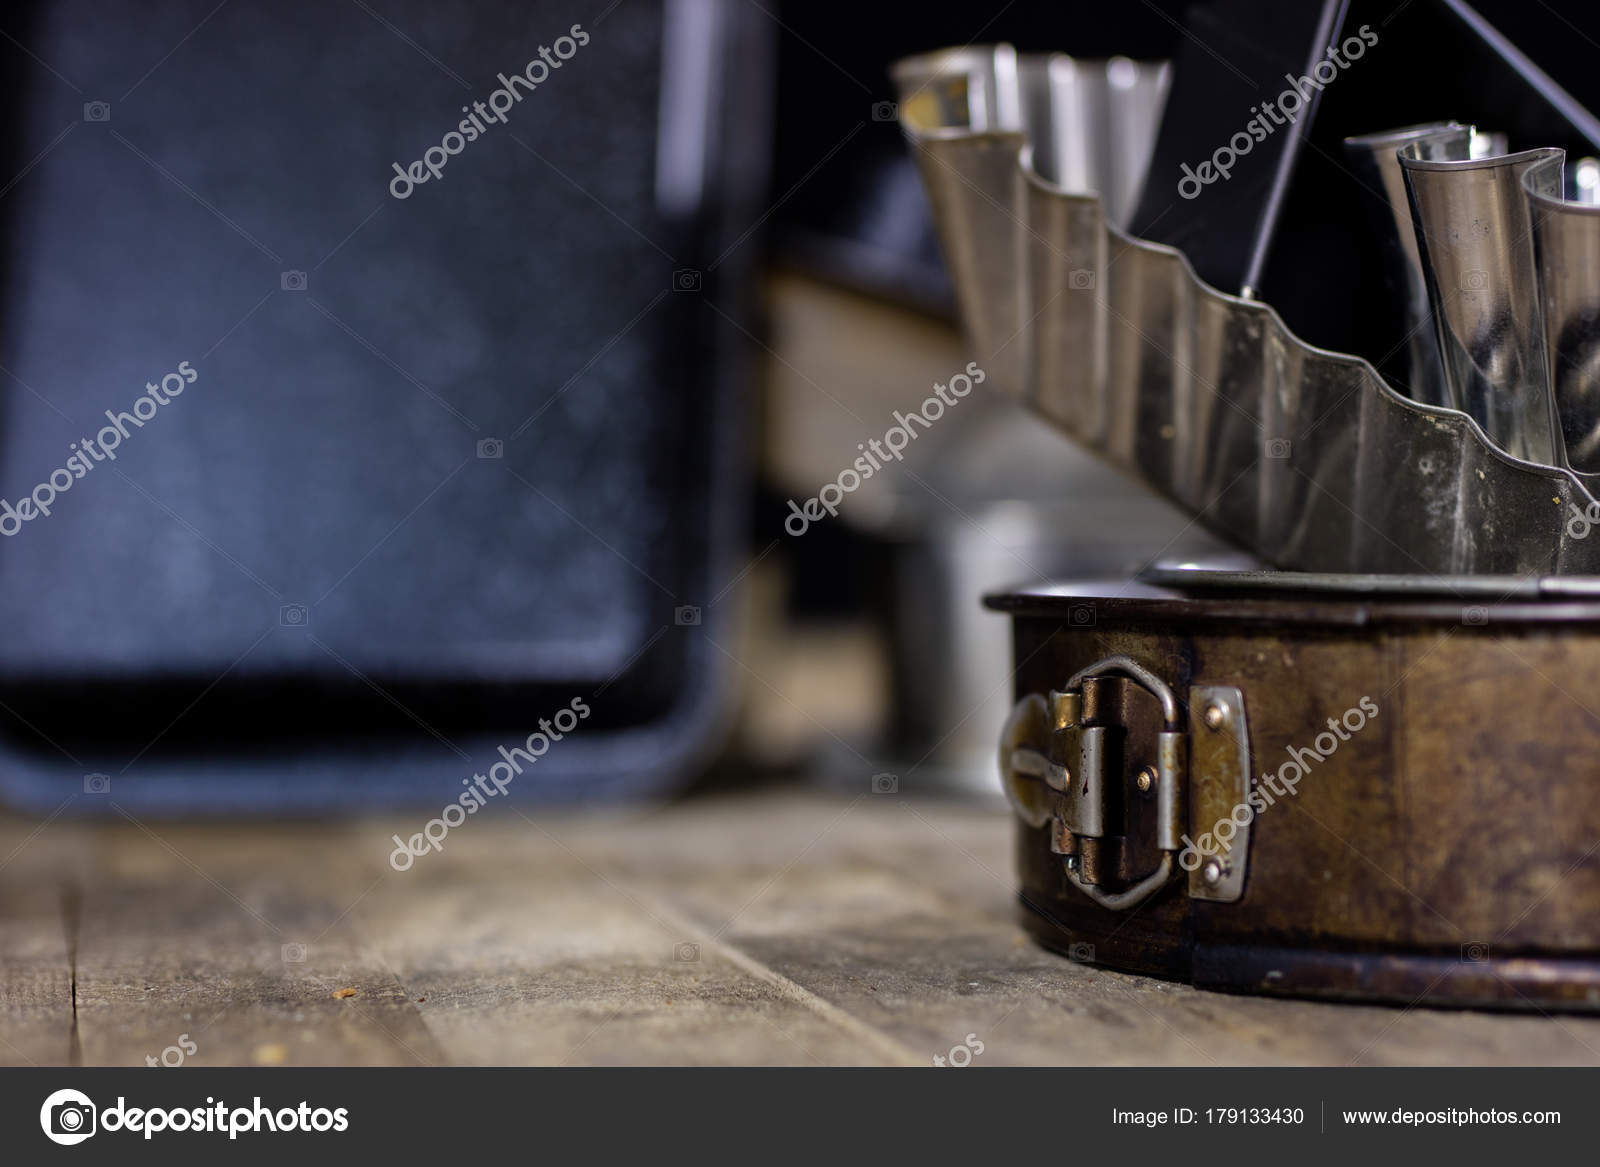 Dosen Und Backformen Auf Einem Holztisch Altes Kuchenzubehor Stockfoto C Piotrek Wytrazek Pl 179133430